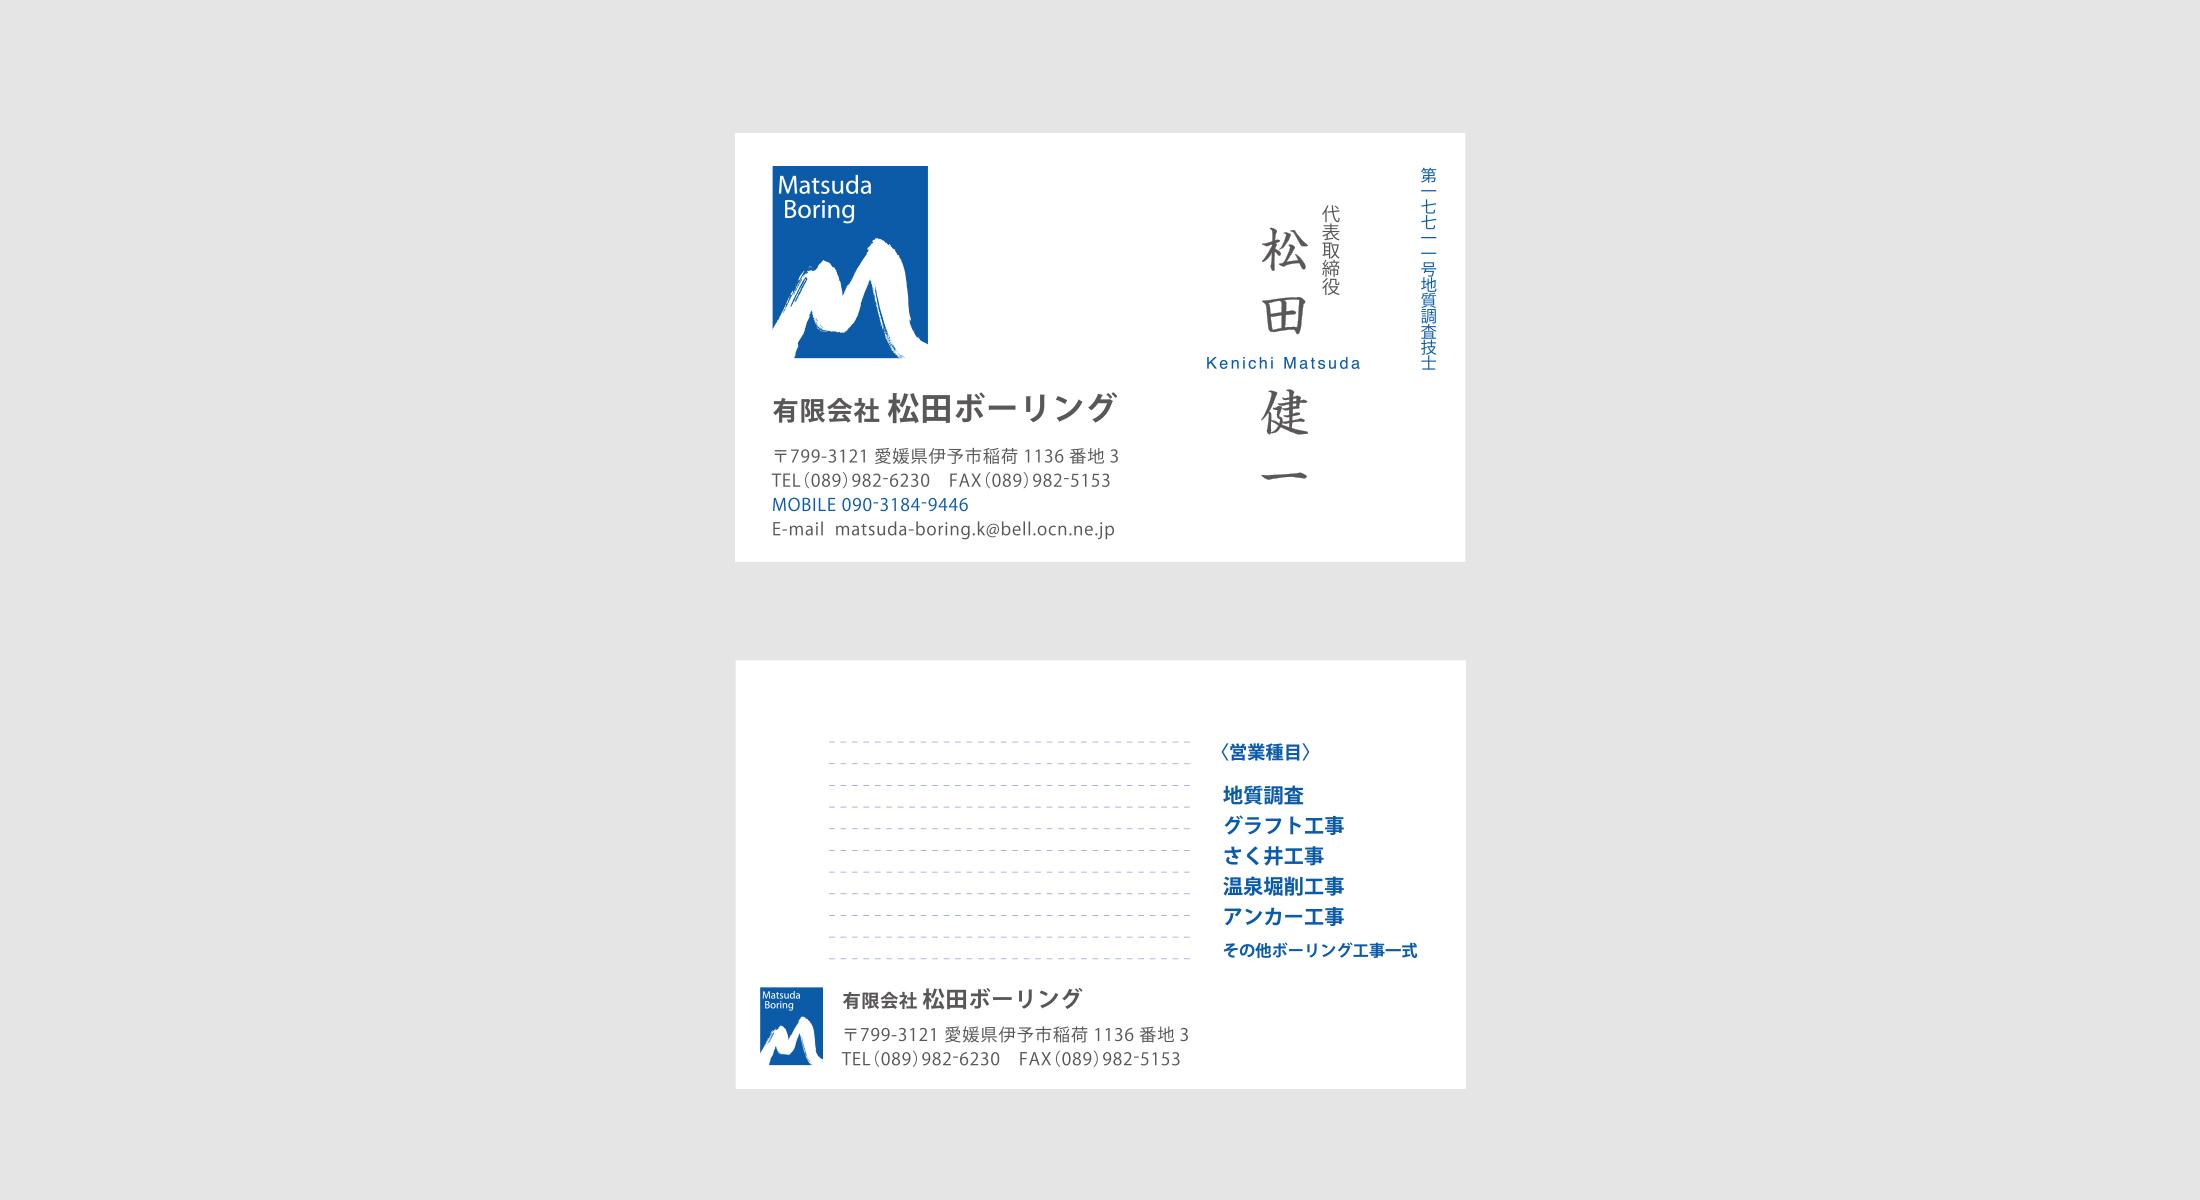 松田ボーリング